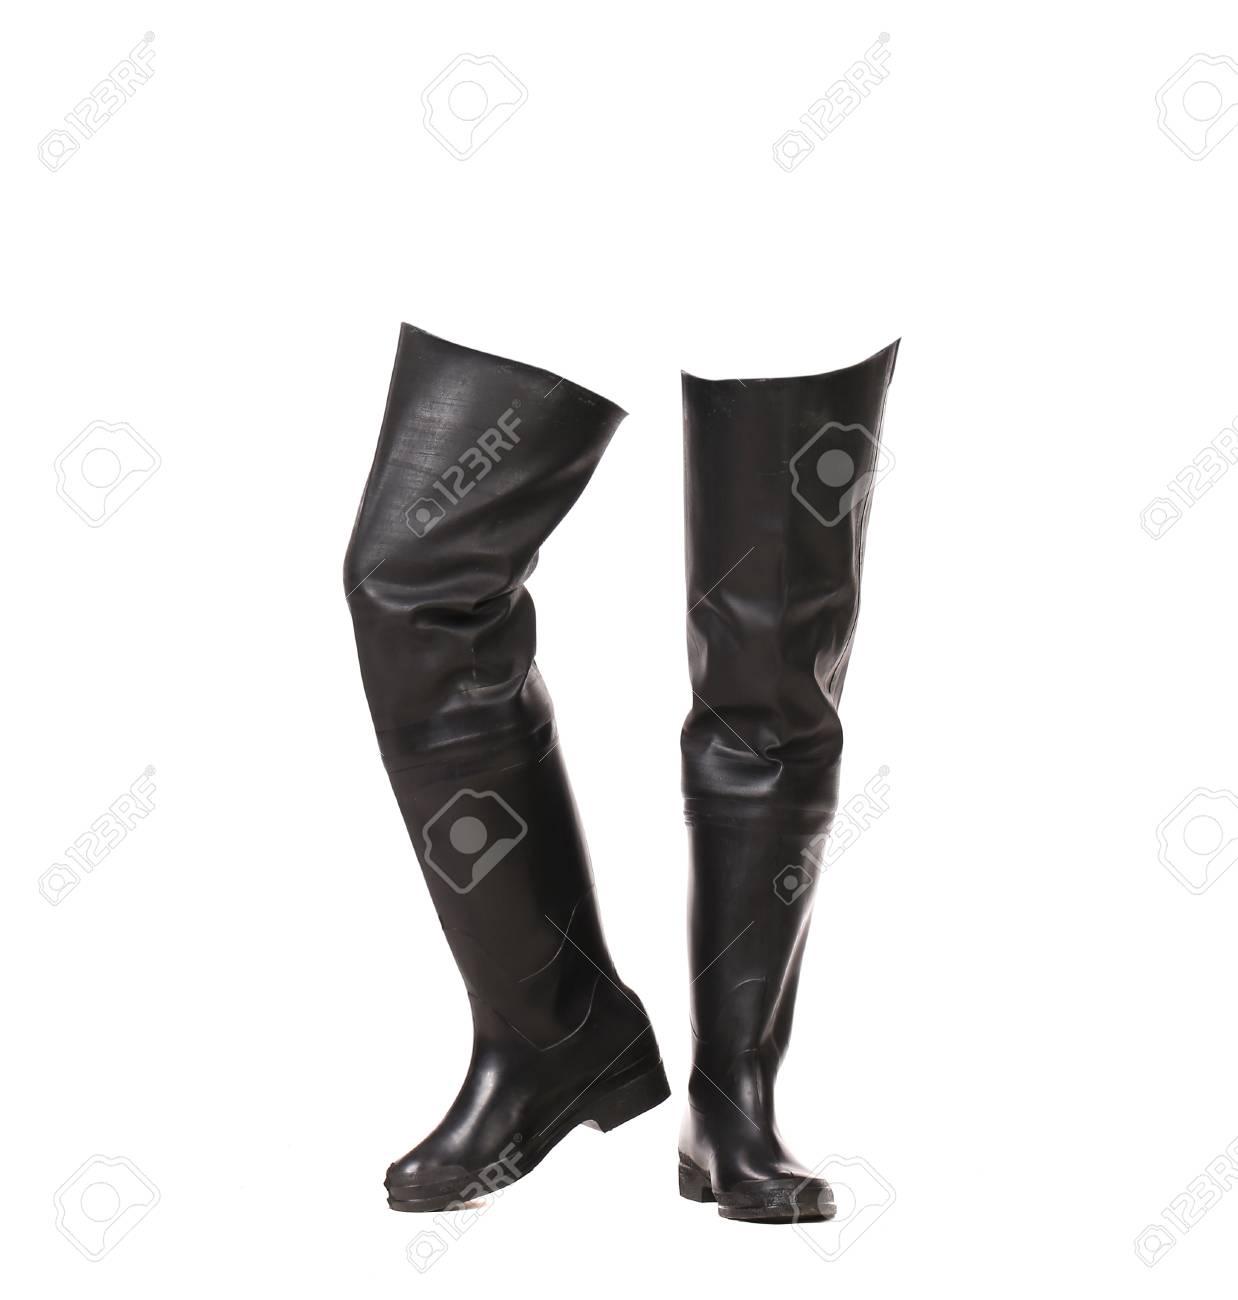 caoutchouc Paire de pêcheIsolé de en blanc bottes fond sur un Y7fyv6gb